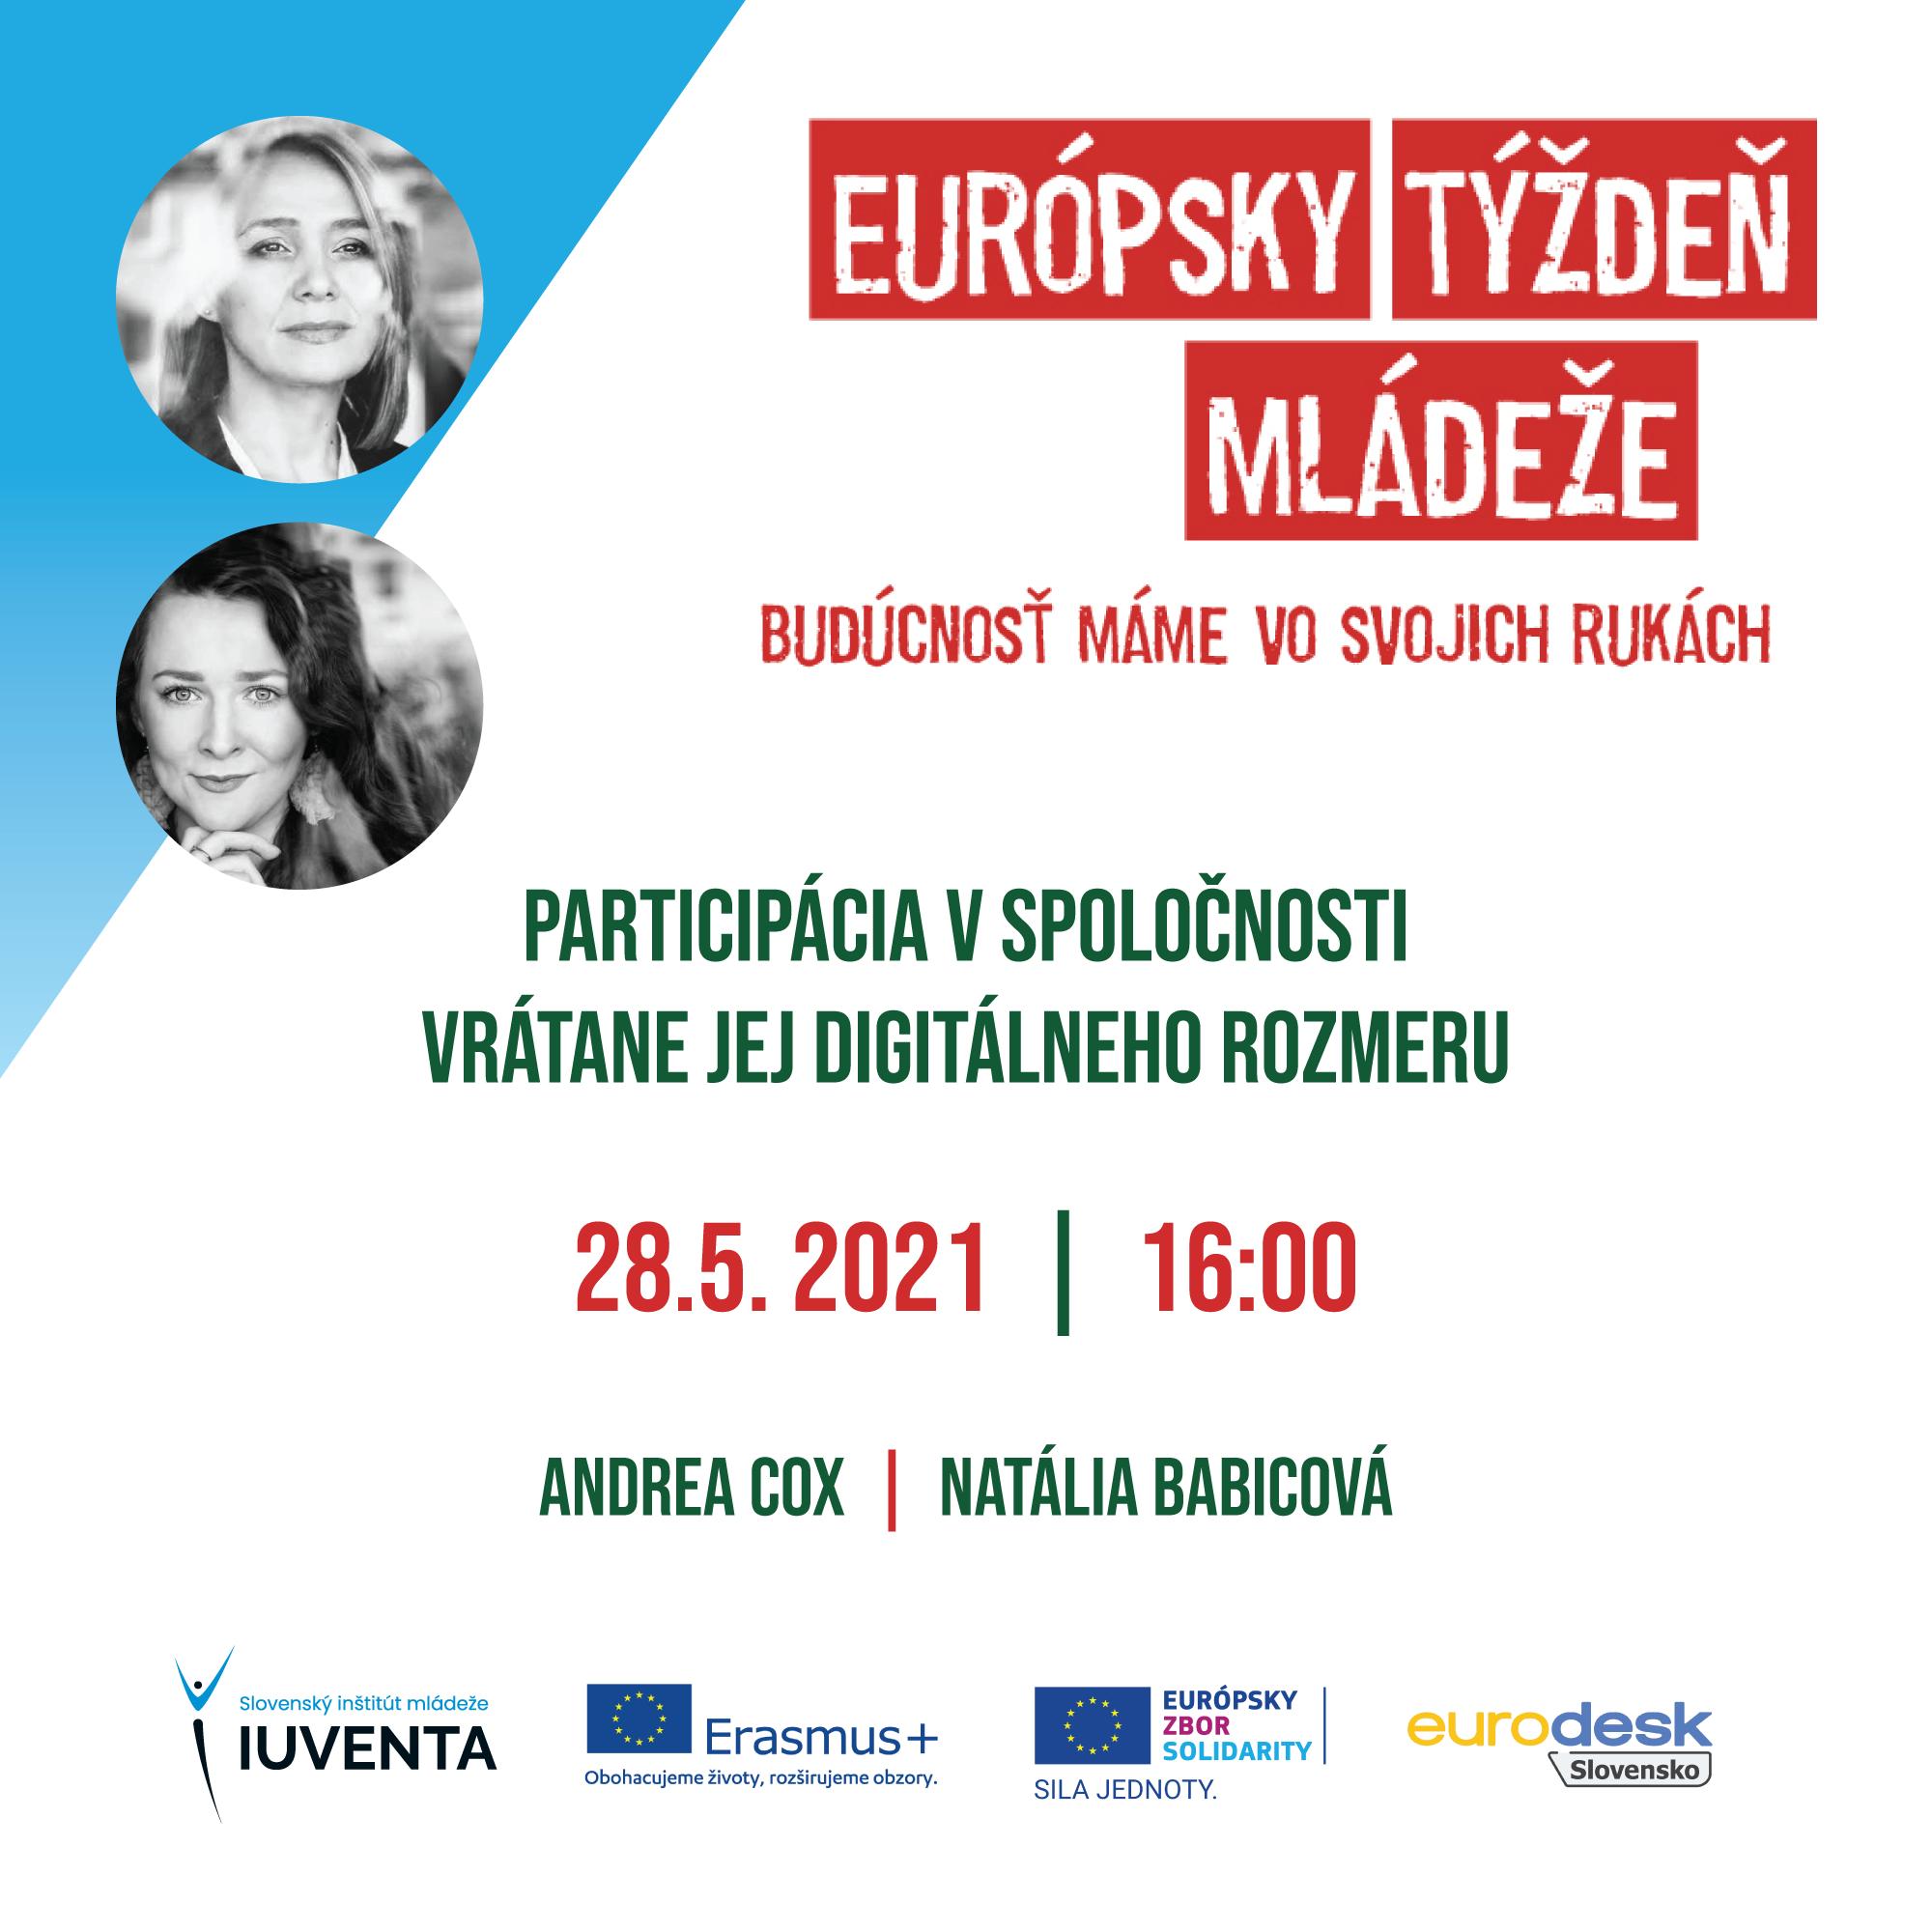 Európsky týždeň mládeže - čo nás čaká v piatok, 28.5.2021